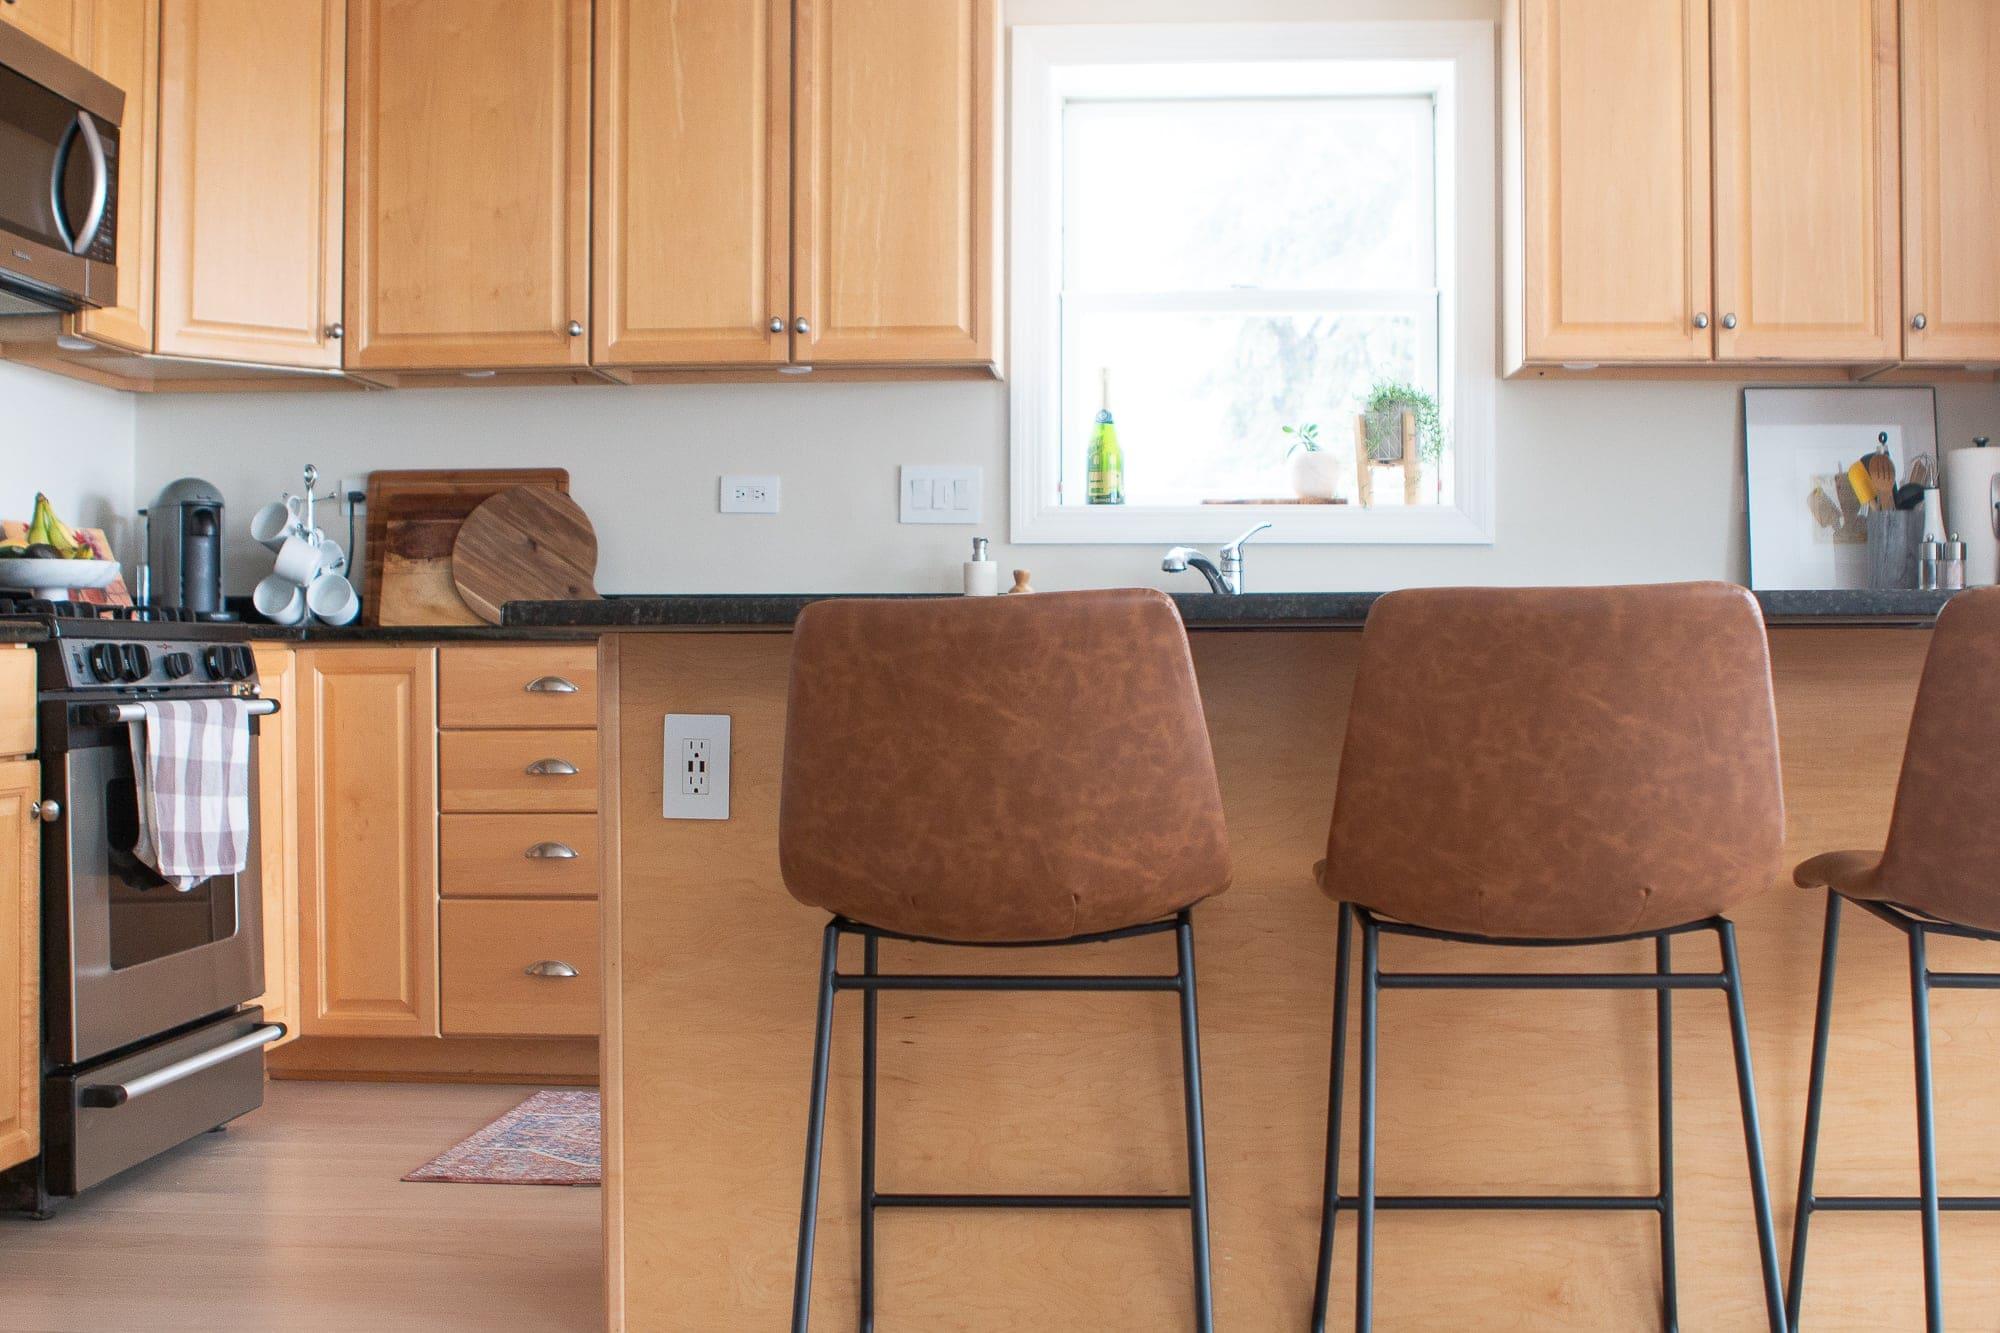 Leather Kitchen stools